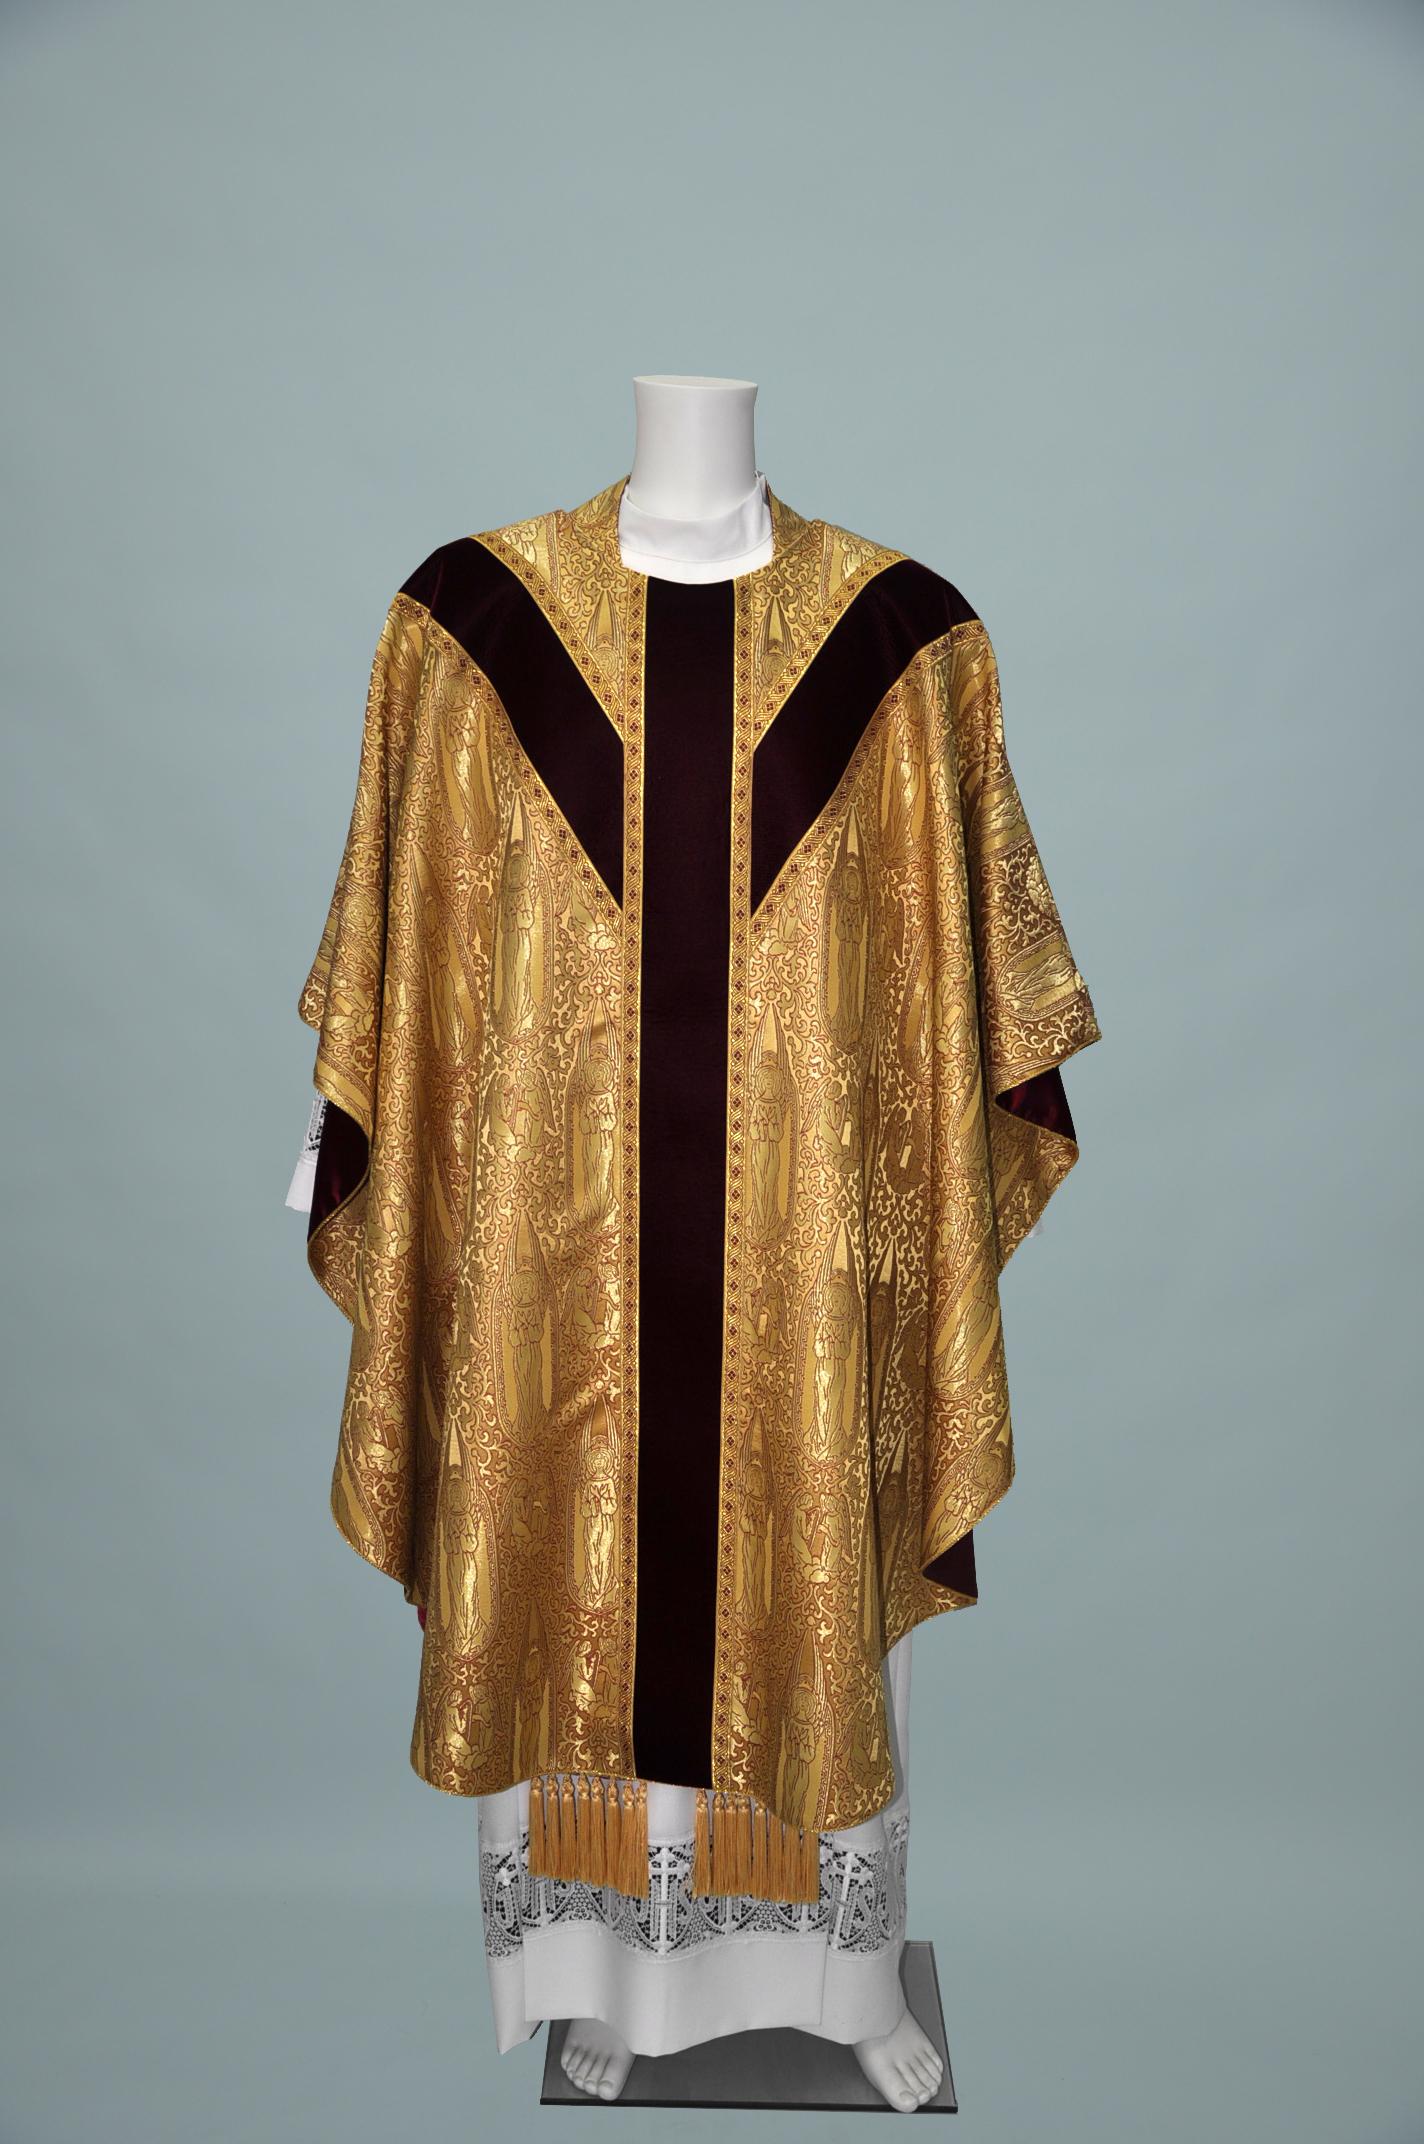 Gothic Chasuble Archangel Gold Gold W Velvet Burgundy + 3016 Burgundy Gold (f) 1.jpg